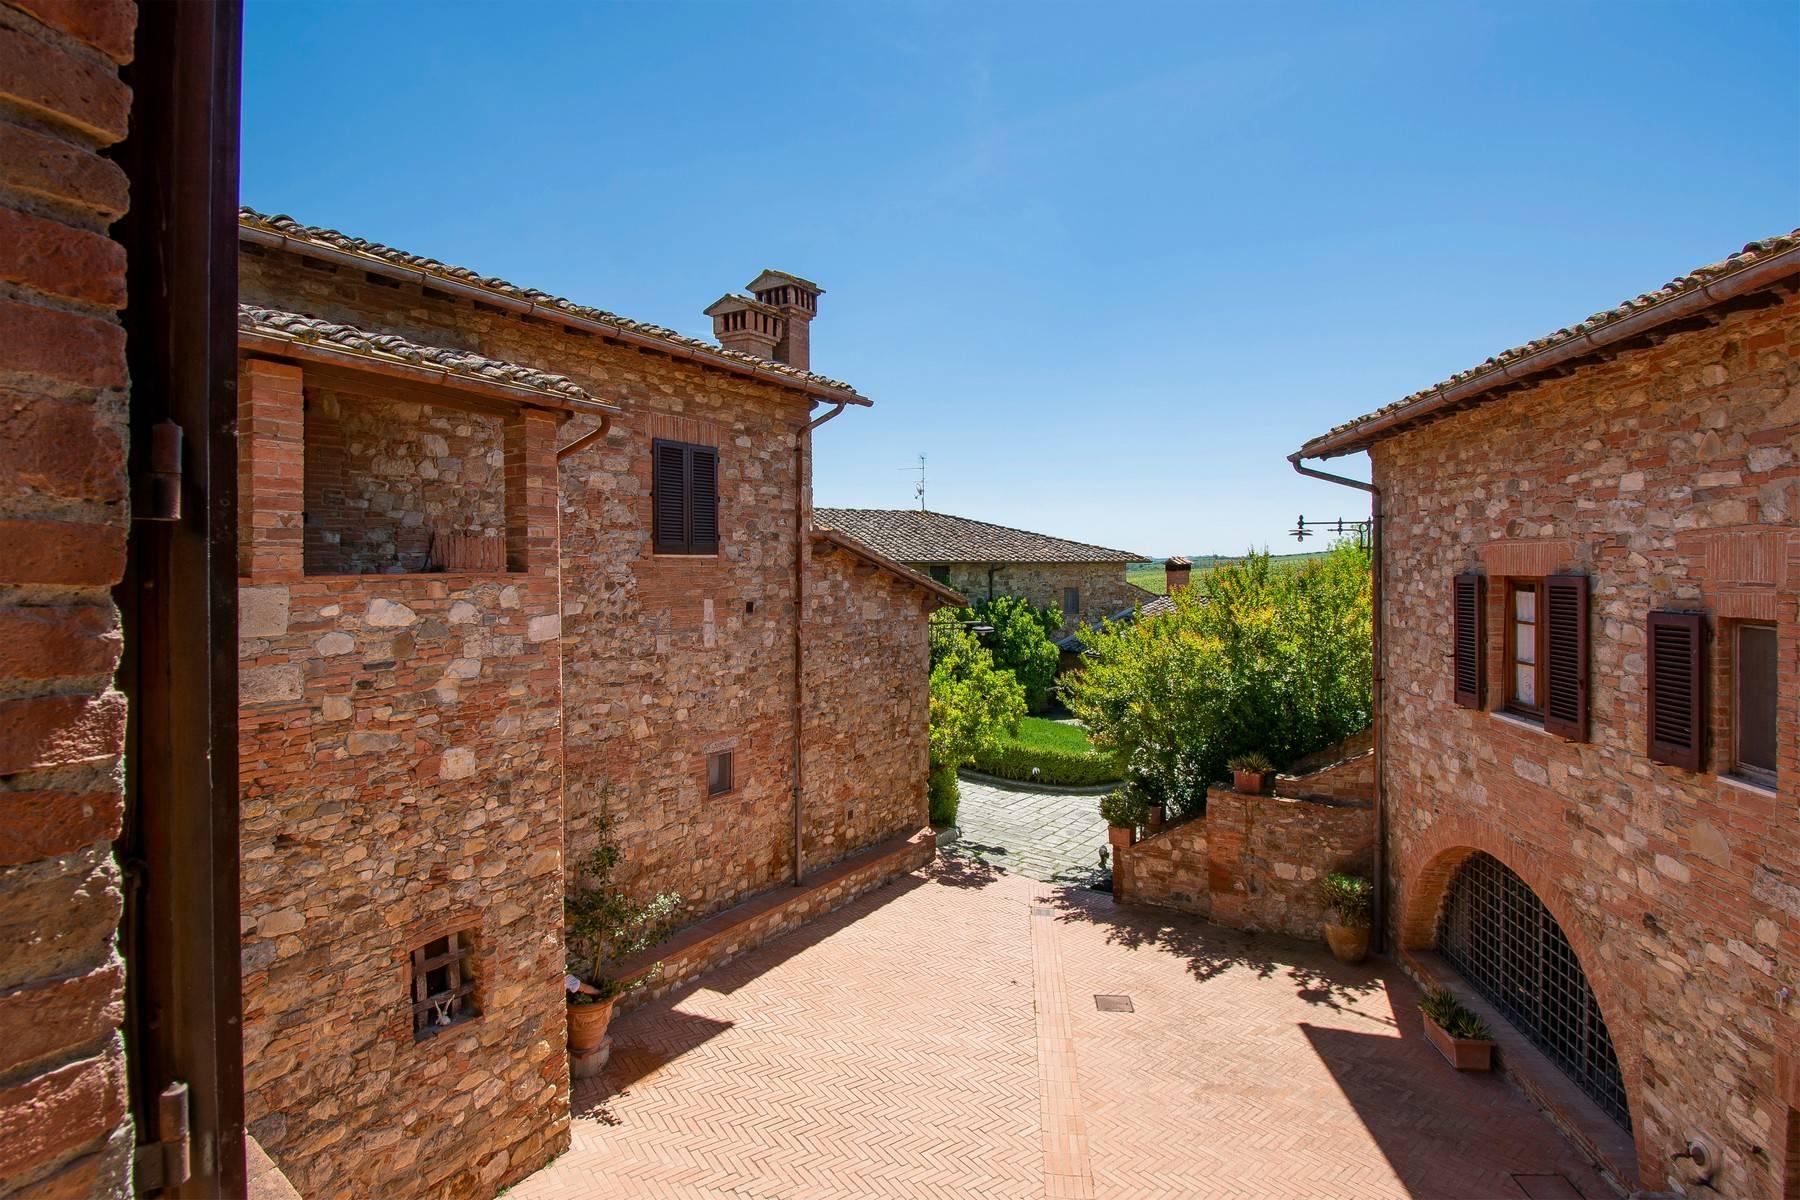 Esclusive wine estate in the heart of Chianti classico - 28